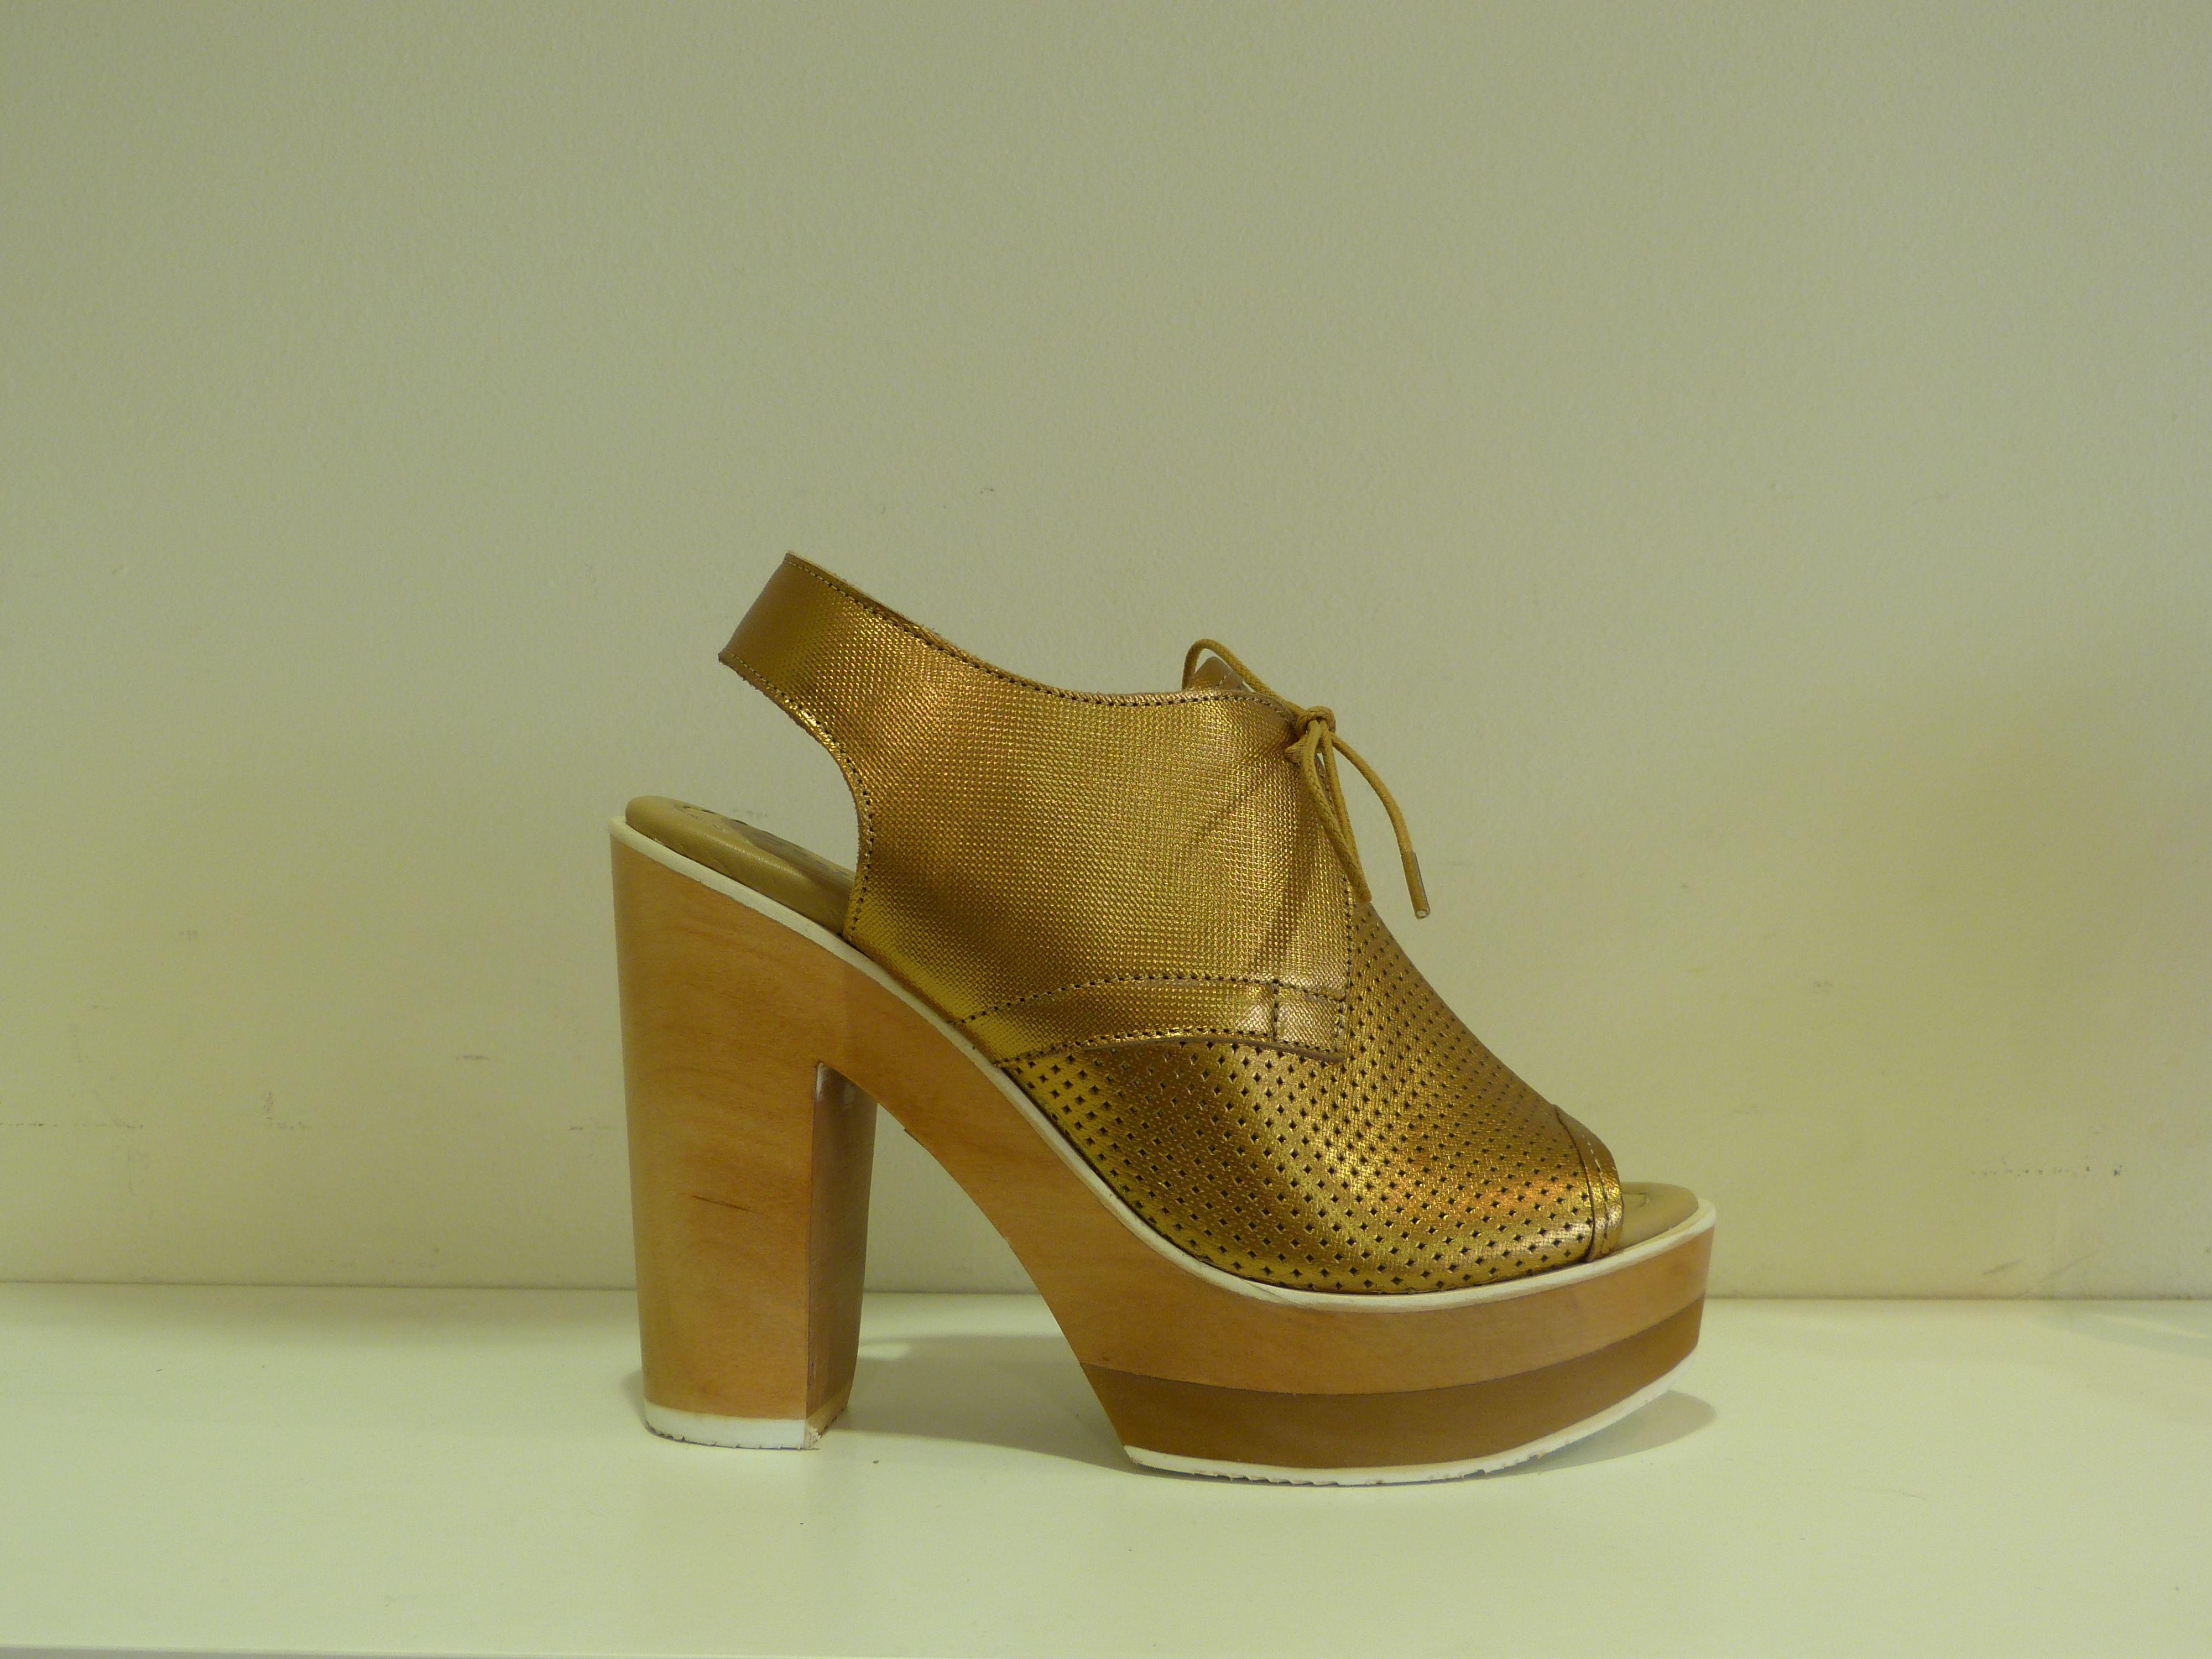 Sandalias Cubanas en dorado con plataforma. ¡En Ocre están todas las tendencias de esta temporada!